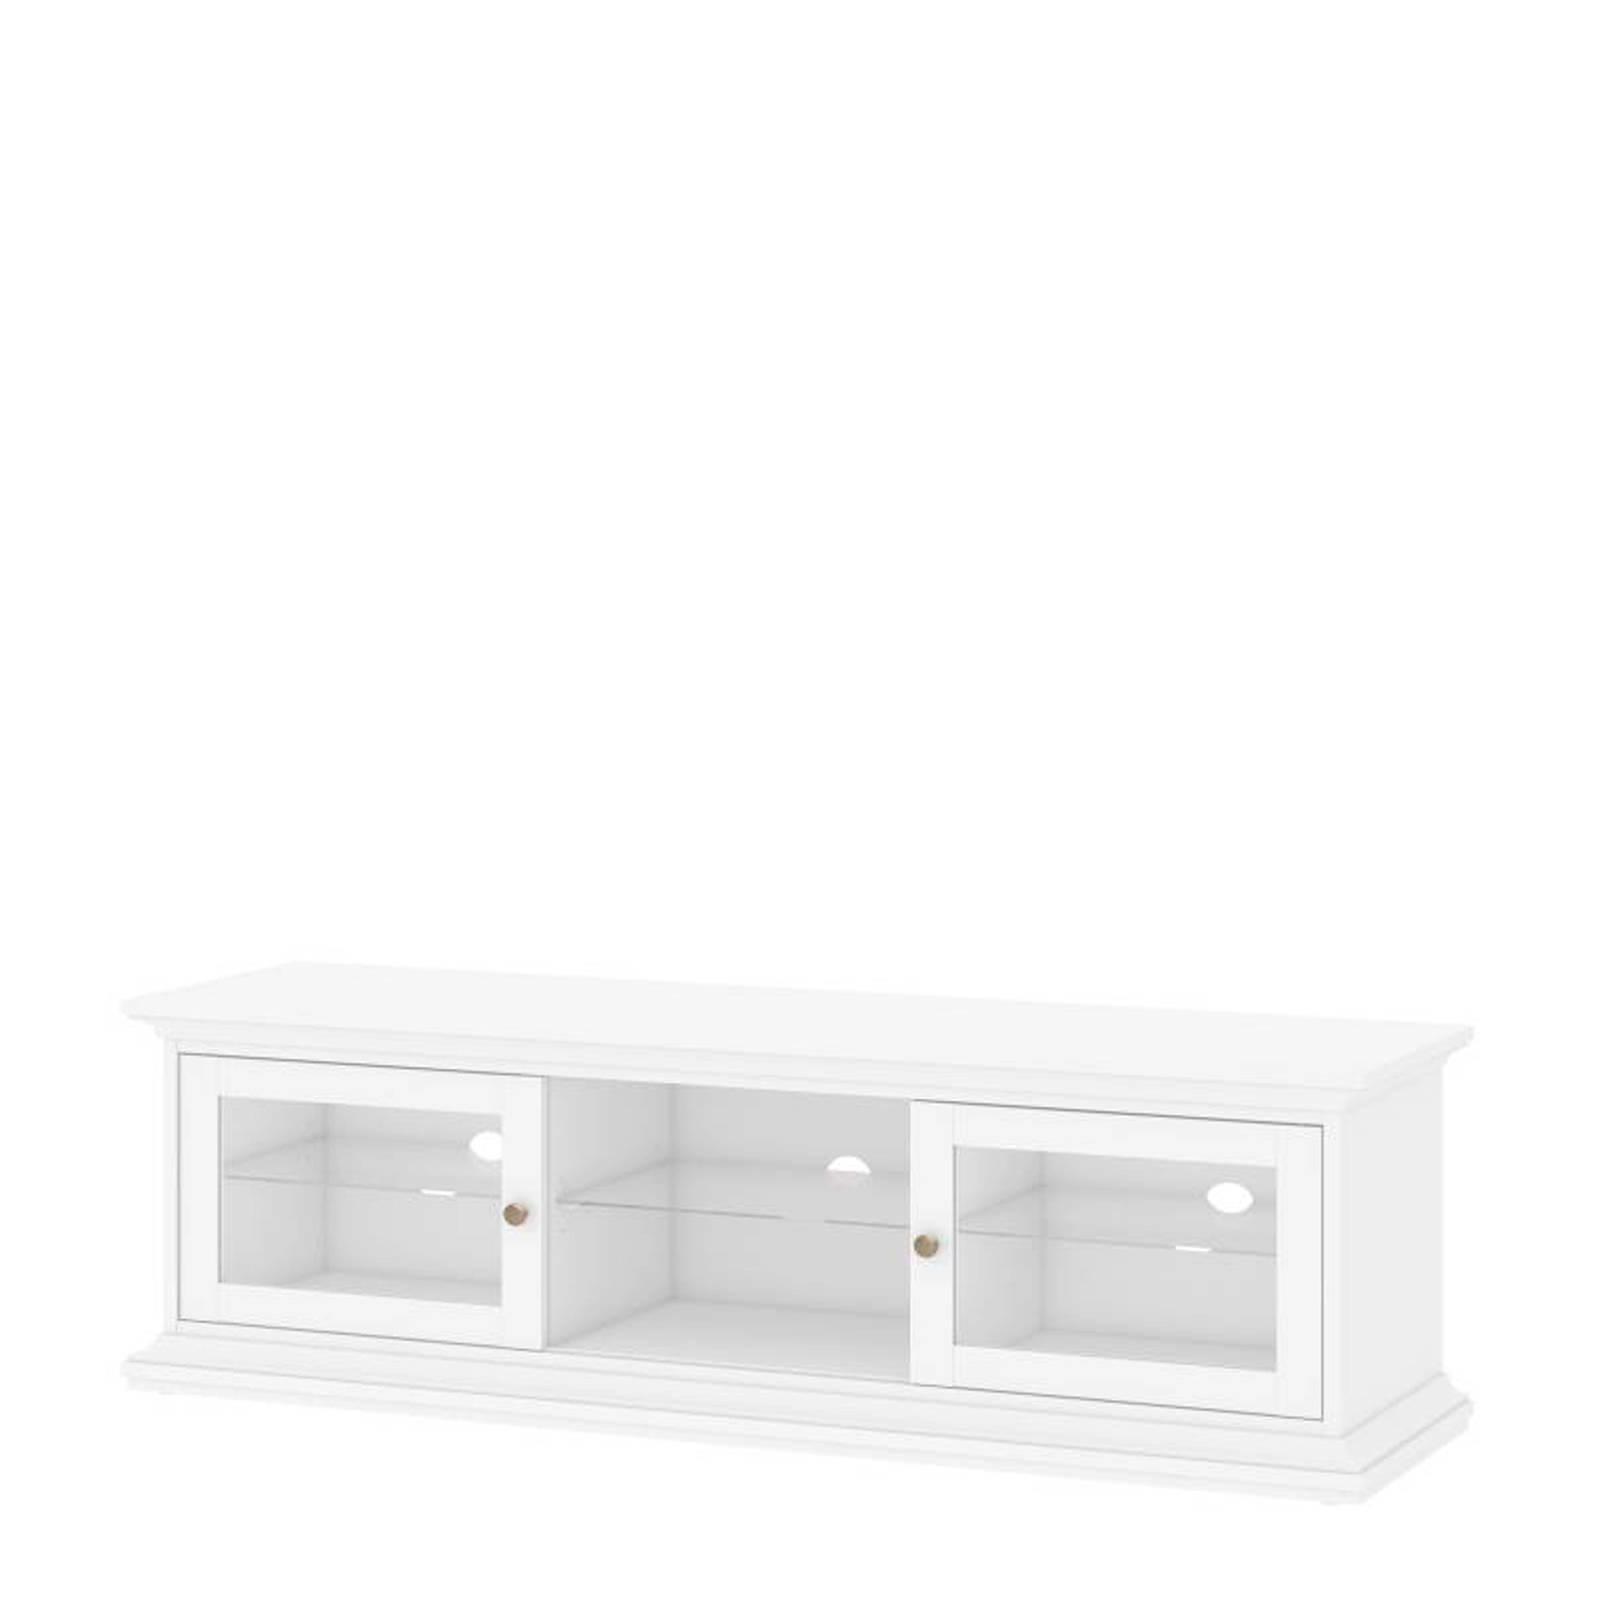 Smalle Lage Kast.Smalle Lage Kast Van Goedkope Hoge Smalle Kast Trending Ikea Lage